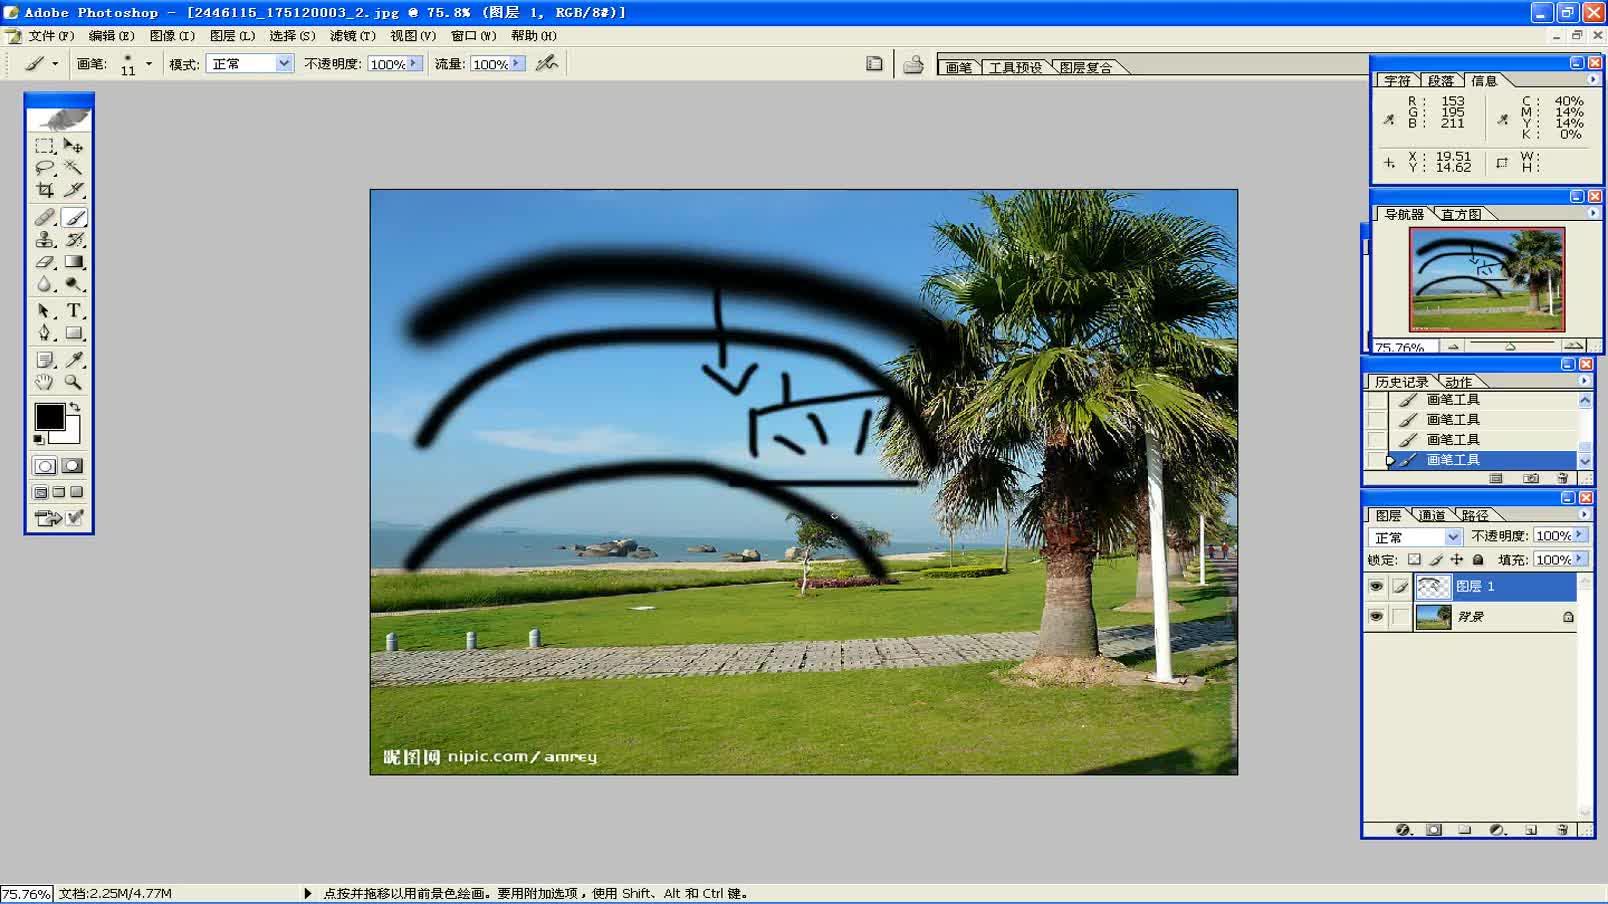 高一信息技术微课视频《photoshop彩虹制作》-微课堂